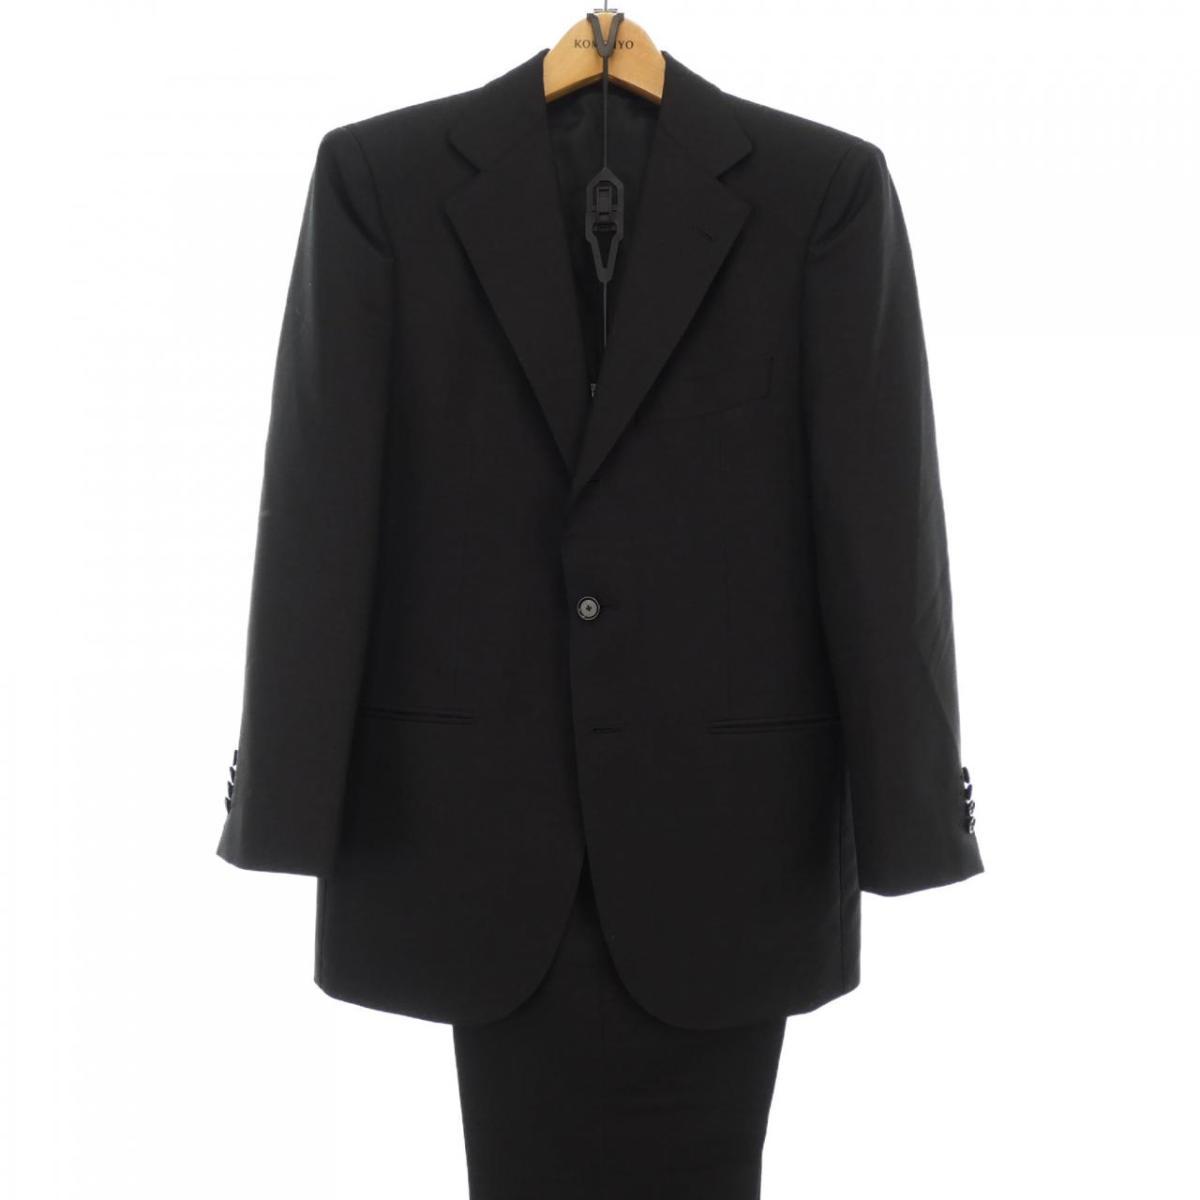 ソブリン sovereign スーツ【中古】